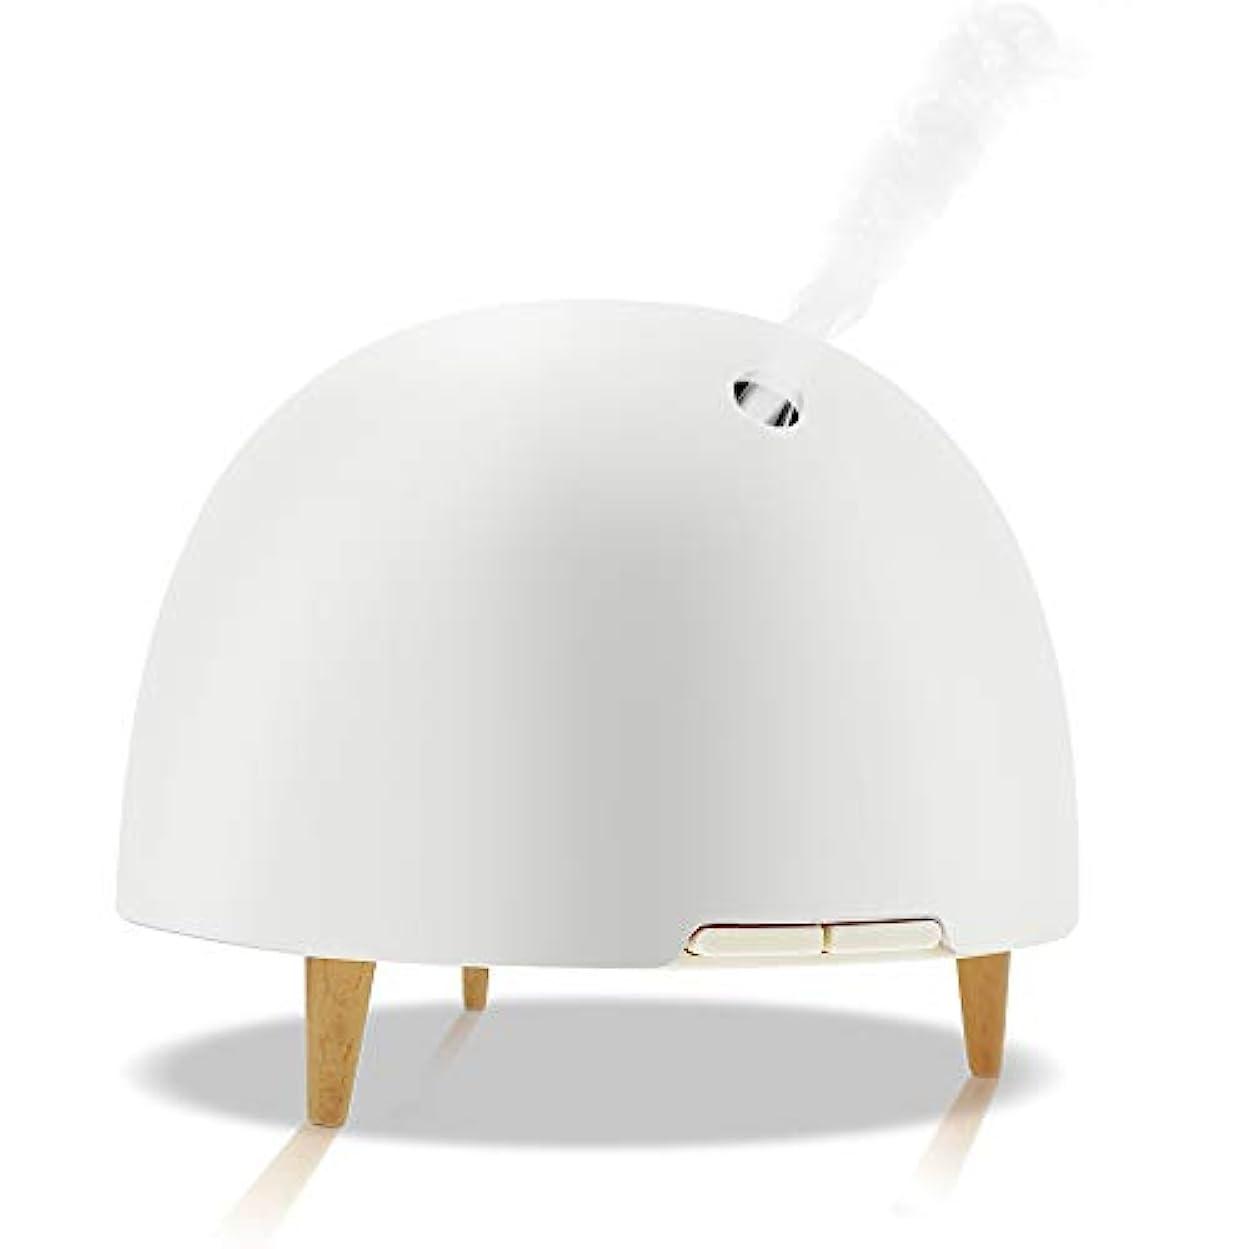 統合するキャンドル挑発する純粋なエッセンシャルオイルアロマテラピーマシン、アロマテラピーエッセンシャルオイルディフューザークールミスト加湿器7色ライト、家庭用、仕事,White